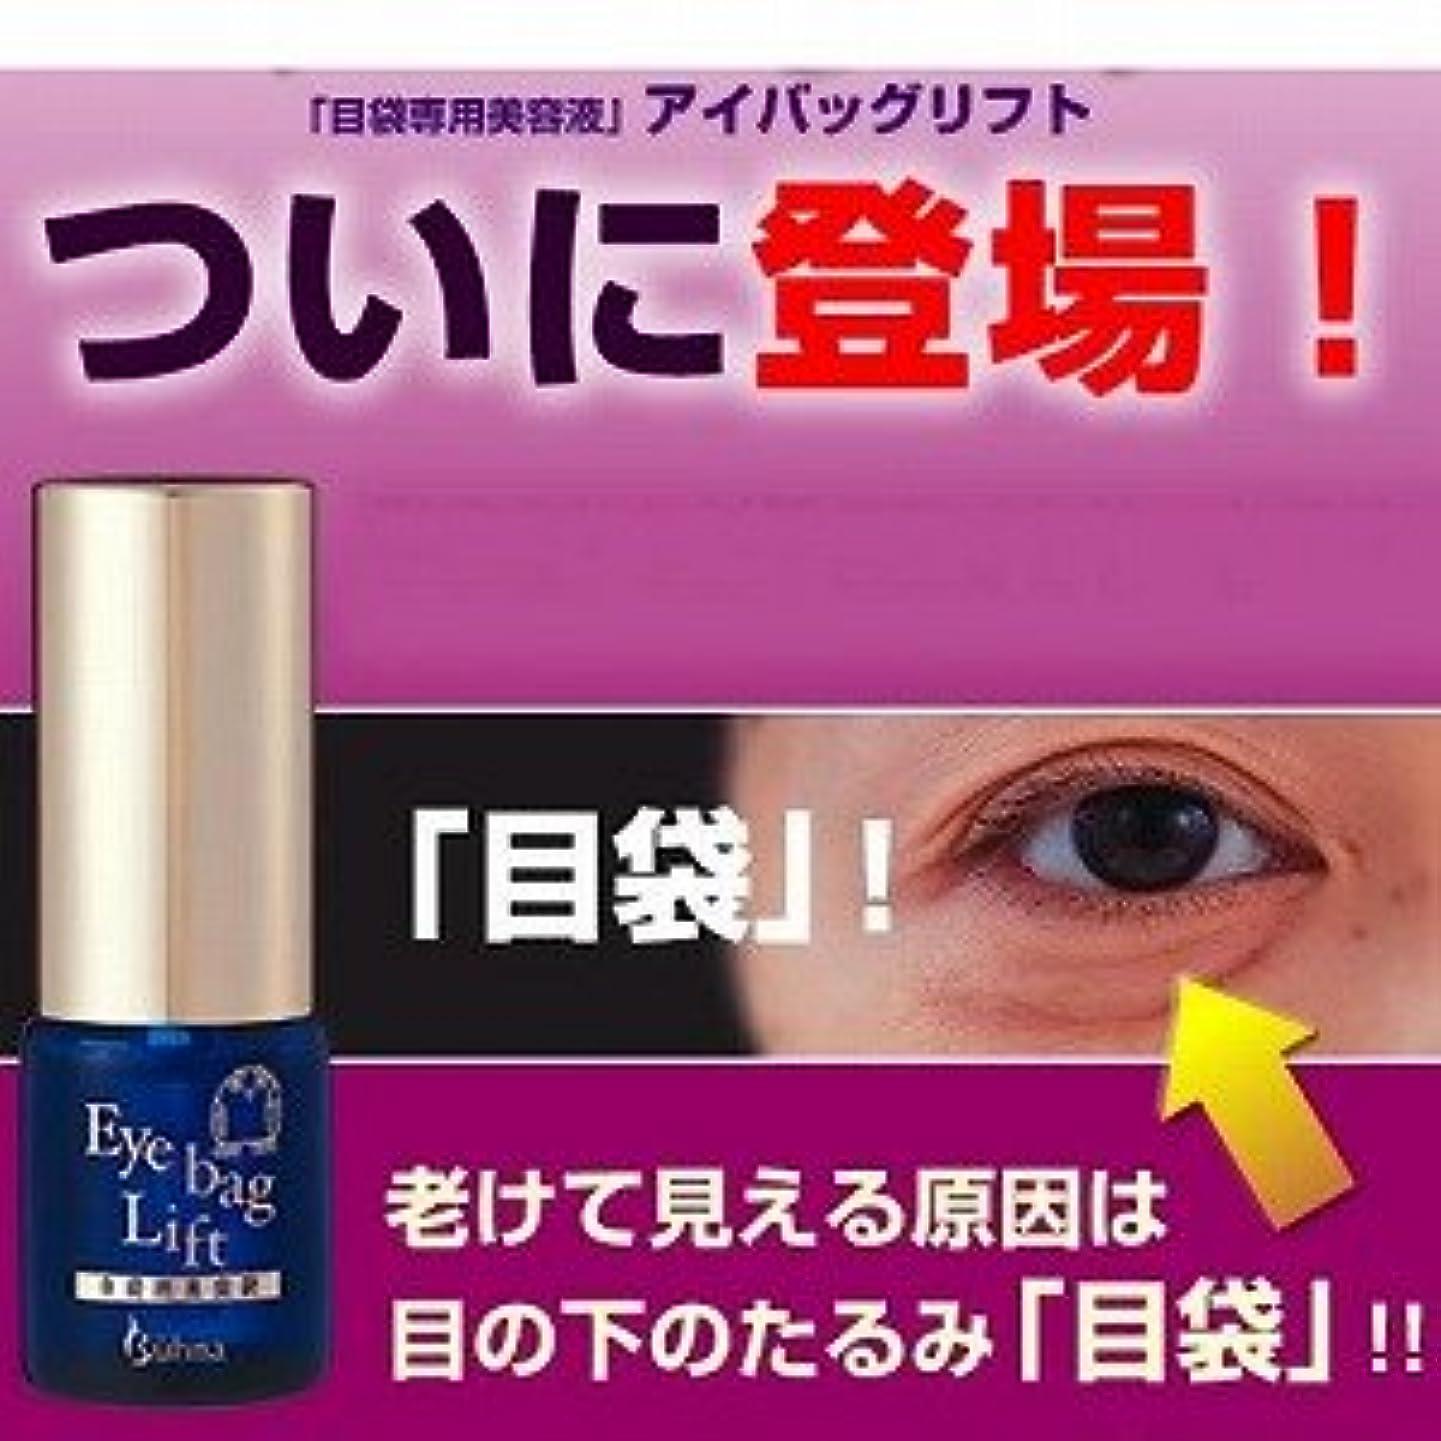 期待塗抹ネイティブ老けて見える原因は、目元、目の下のたるみ「目袋」『目袋専用美容液 アイバッグリフト』